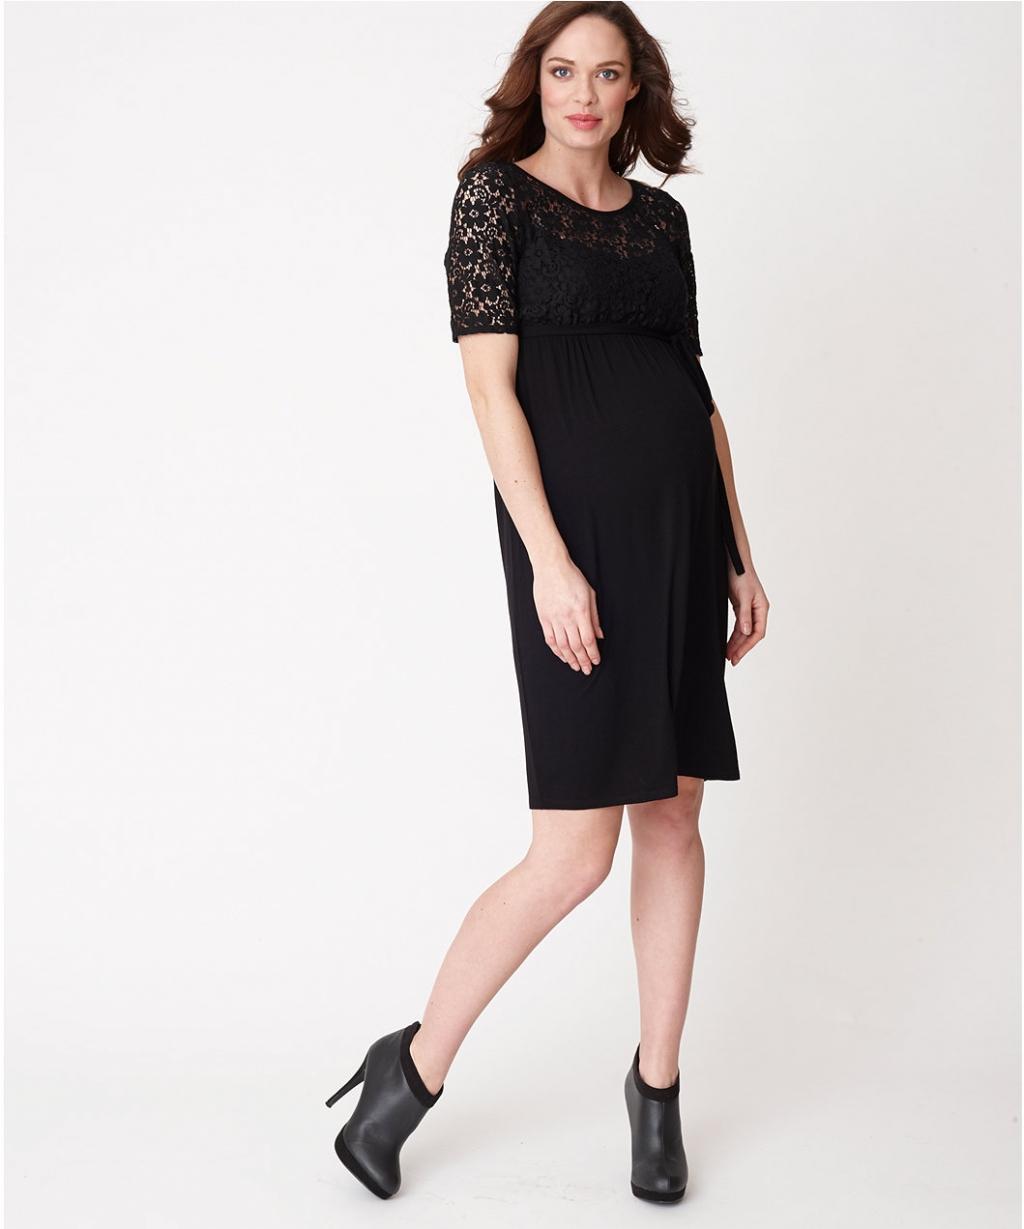 Чорна сукня з мереживом для матусь (Mothercare) купить со скидкой ... 4f631e3555470